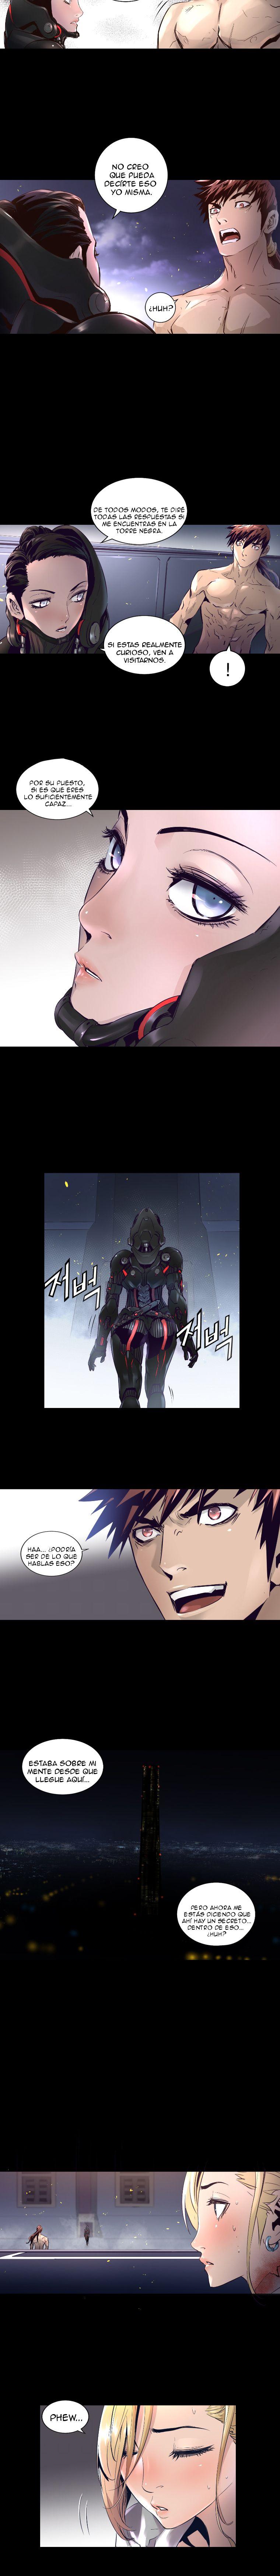 http://c5.ninemanga.com/es_manga/pic2/18/19474/500155/f9ff6540c092abd6a77908c034710a04.jpg Page 4